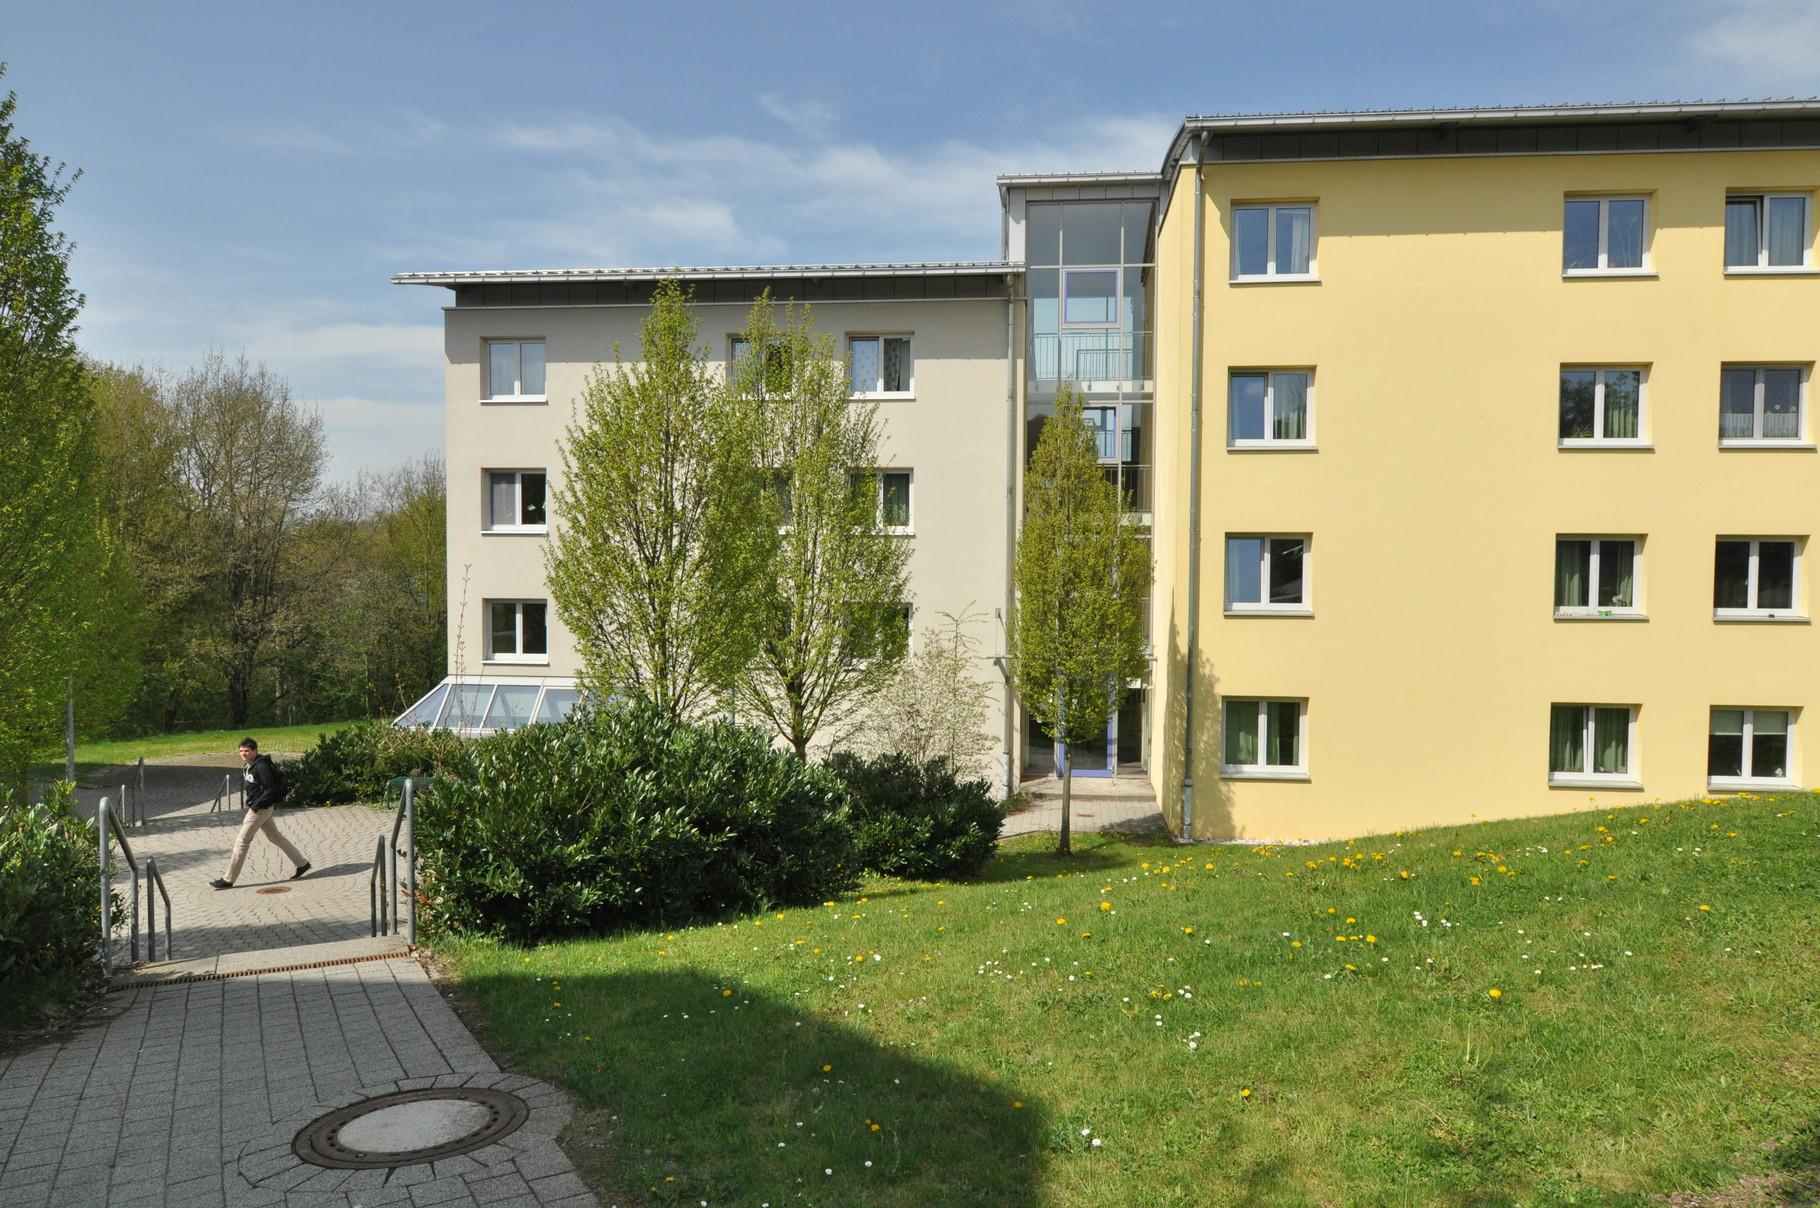 Haus 8f - Quelle: Studiwerk Trier